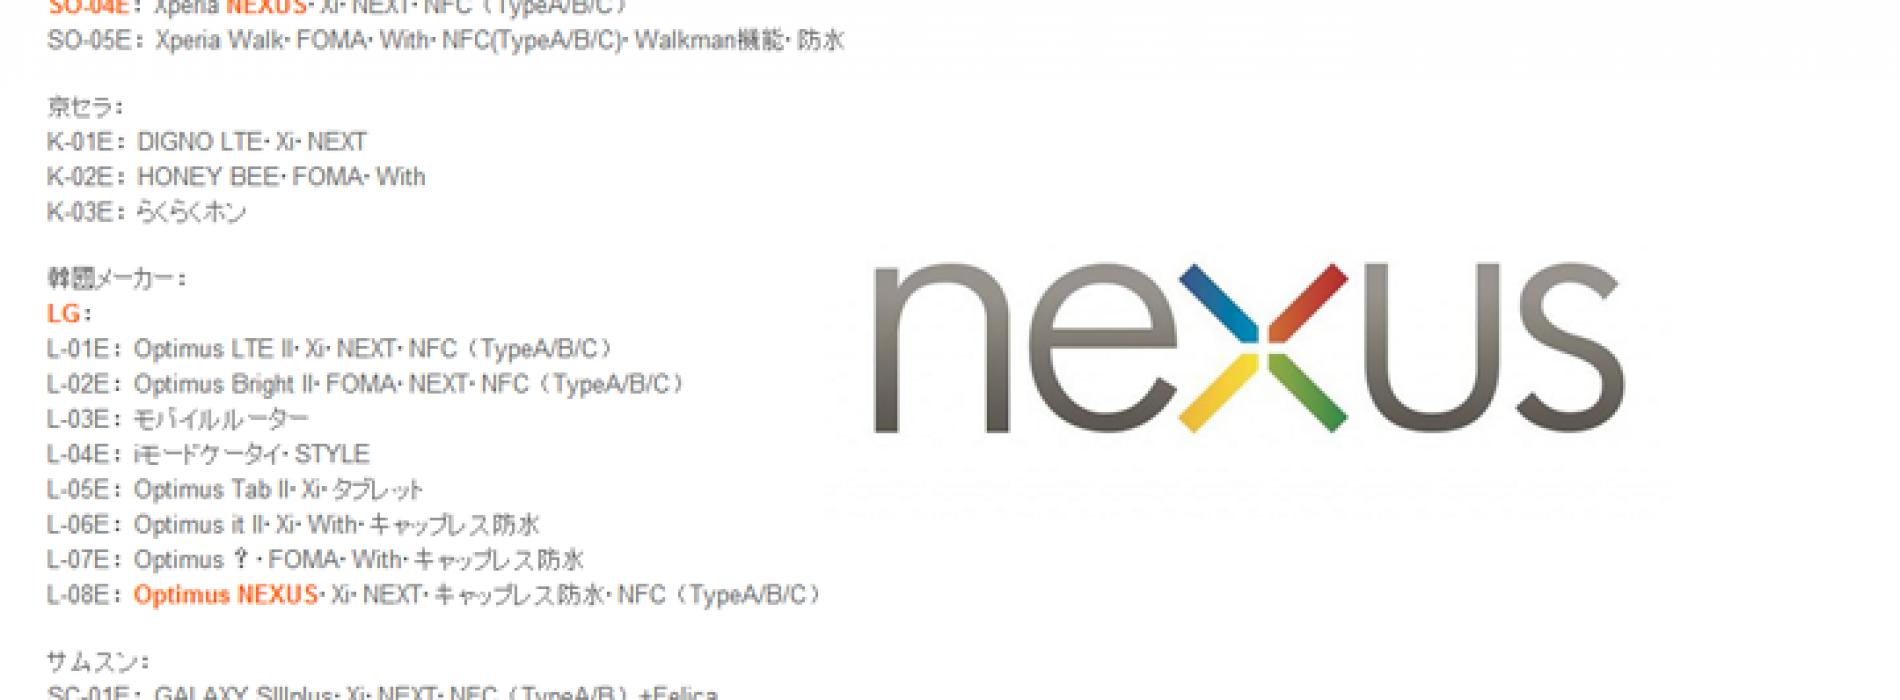 Xperia Nexus and Optimus Nexus tossed into rumor mill